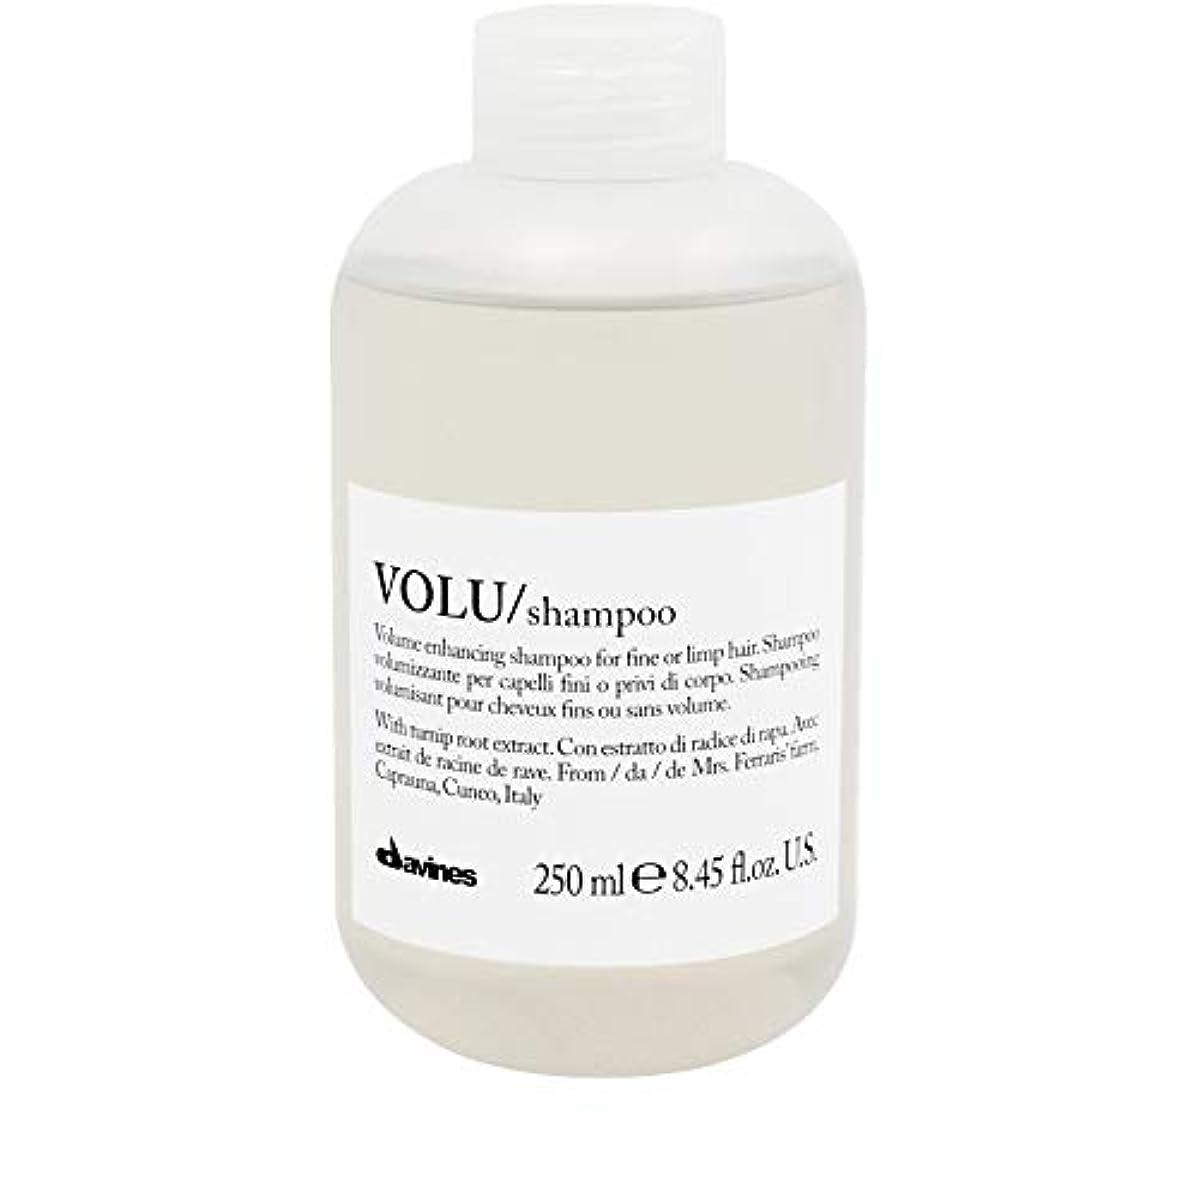 混雑反対した大混乱[Davines ] ダヴィネスVoluシャンプー250ミリリットル - Davines Volu Shampoo 250ml [並行輸入品]